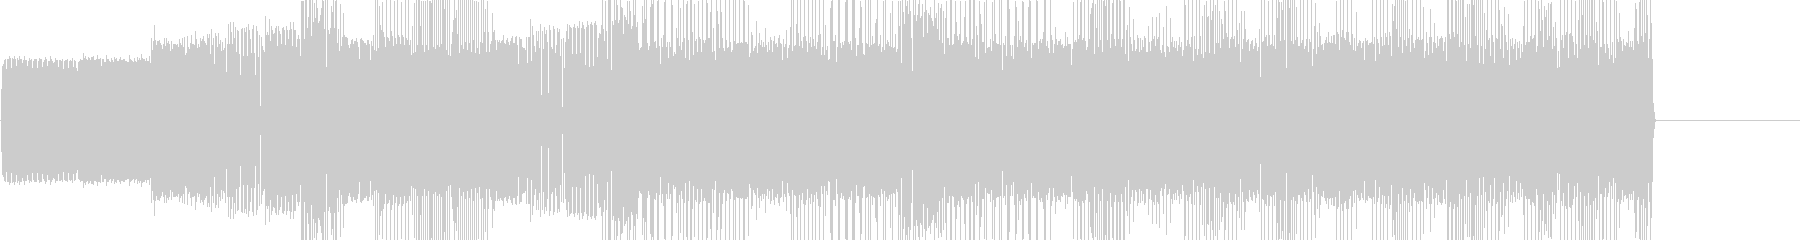 レトロゲームなチップチューンジングル12の未再生の波形